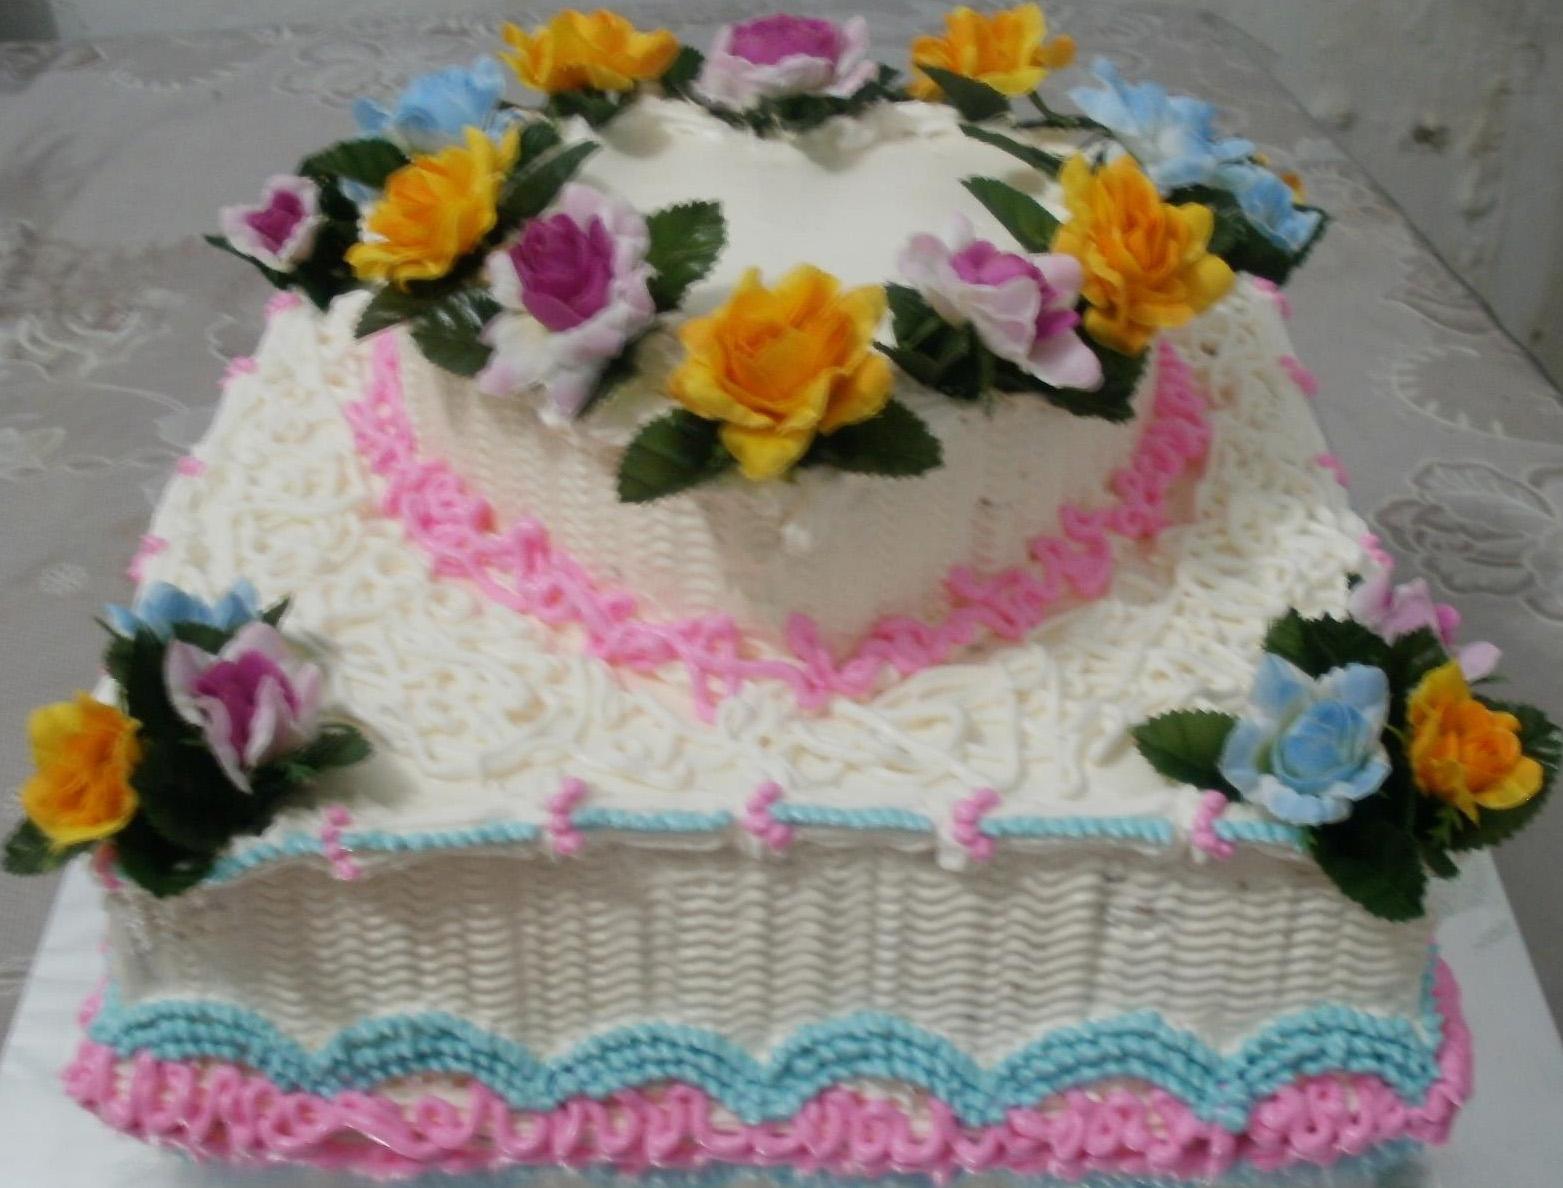 Kue Ulang Tahun Di Jakarta Timur Toko Kue Ulang Tahun